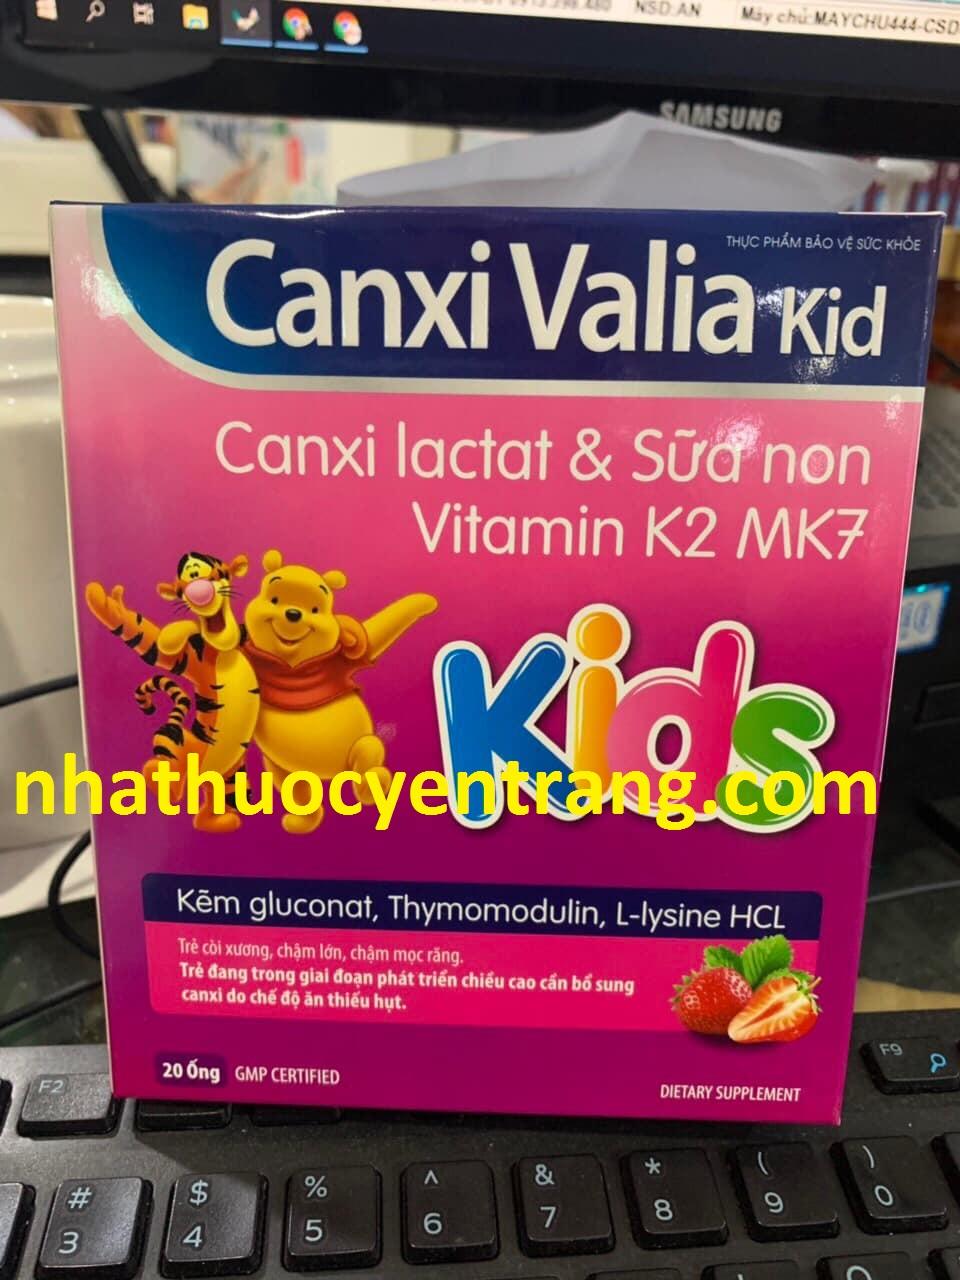 Canxi Valia Kid